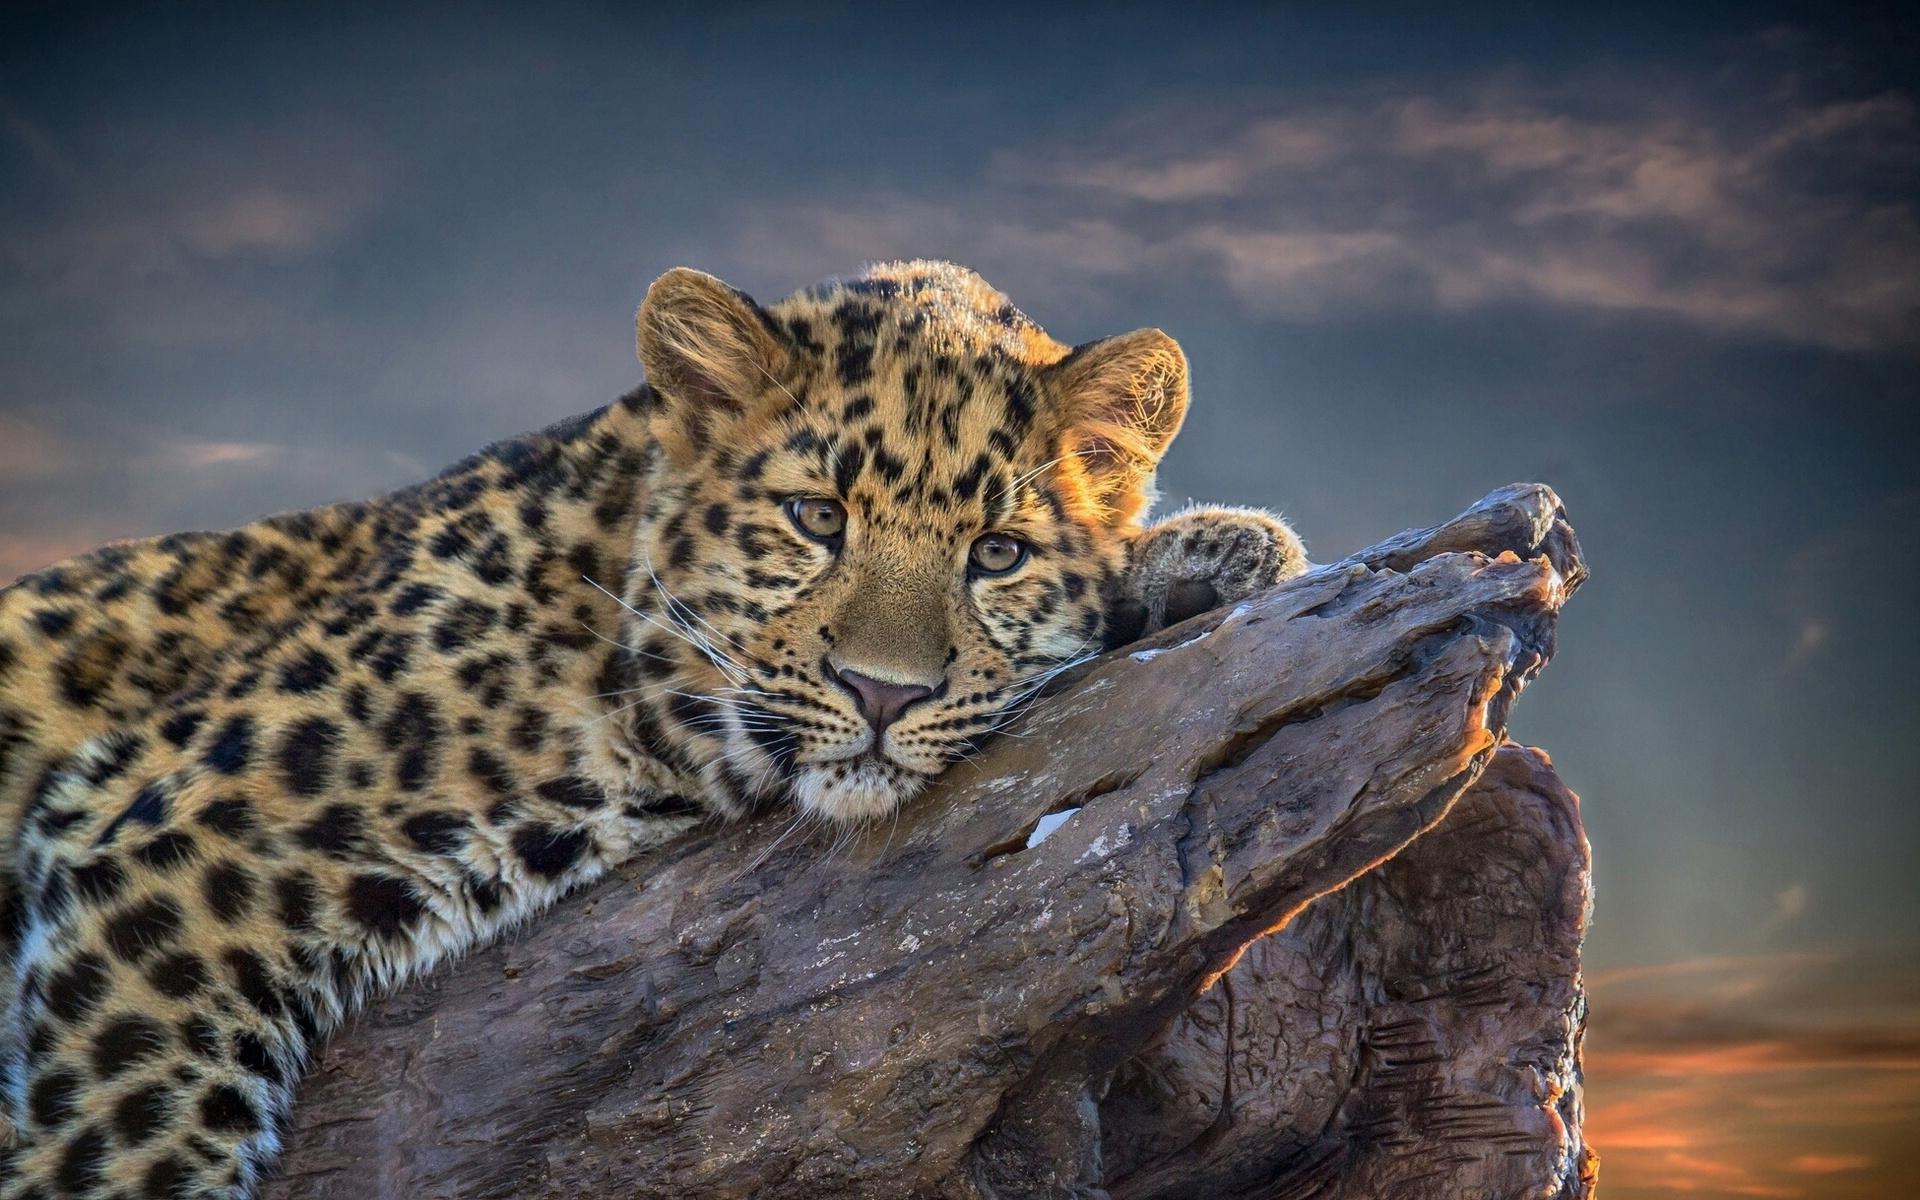 tiger wallpaper | 1440x900 | #36733